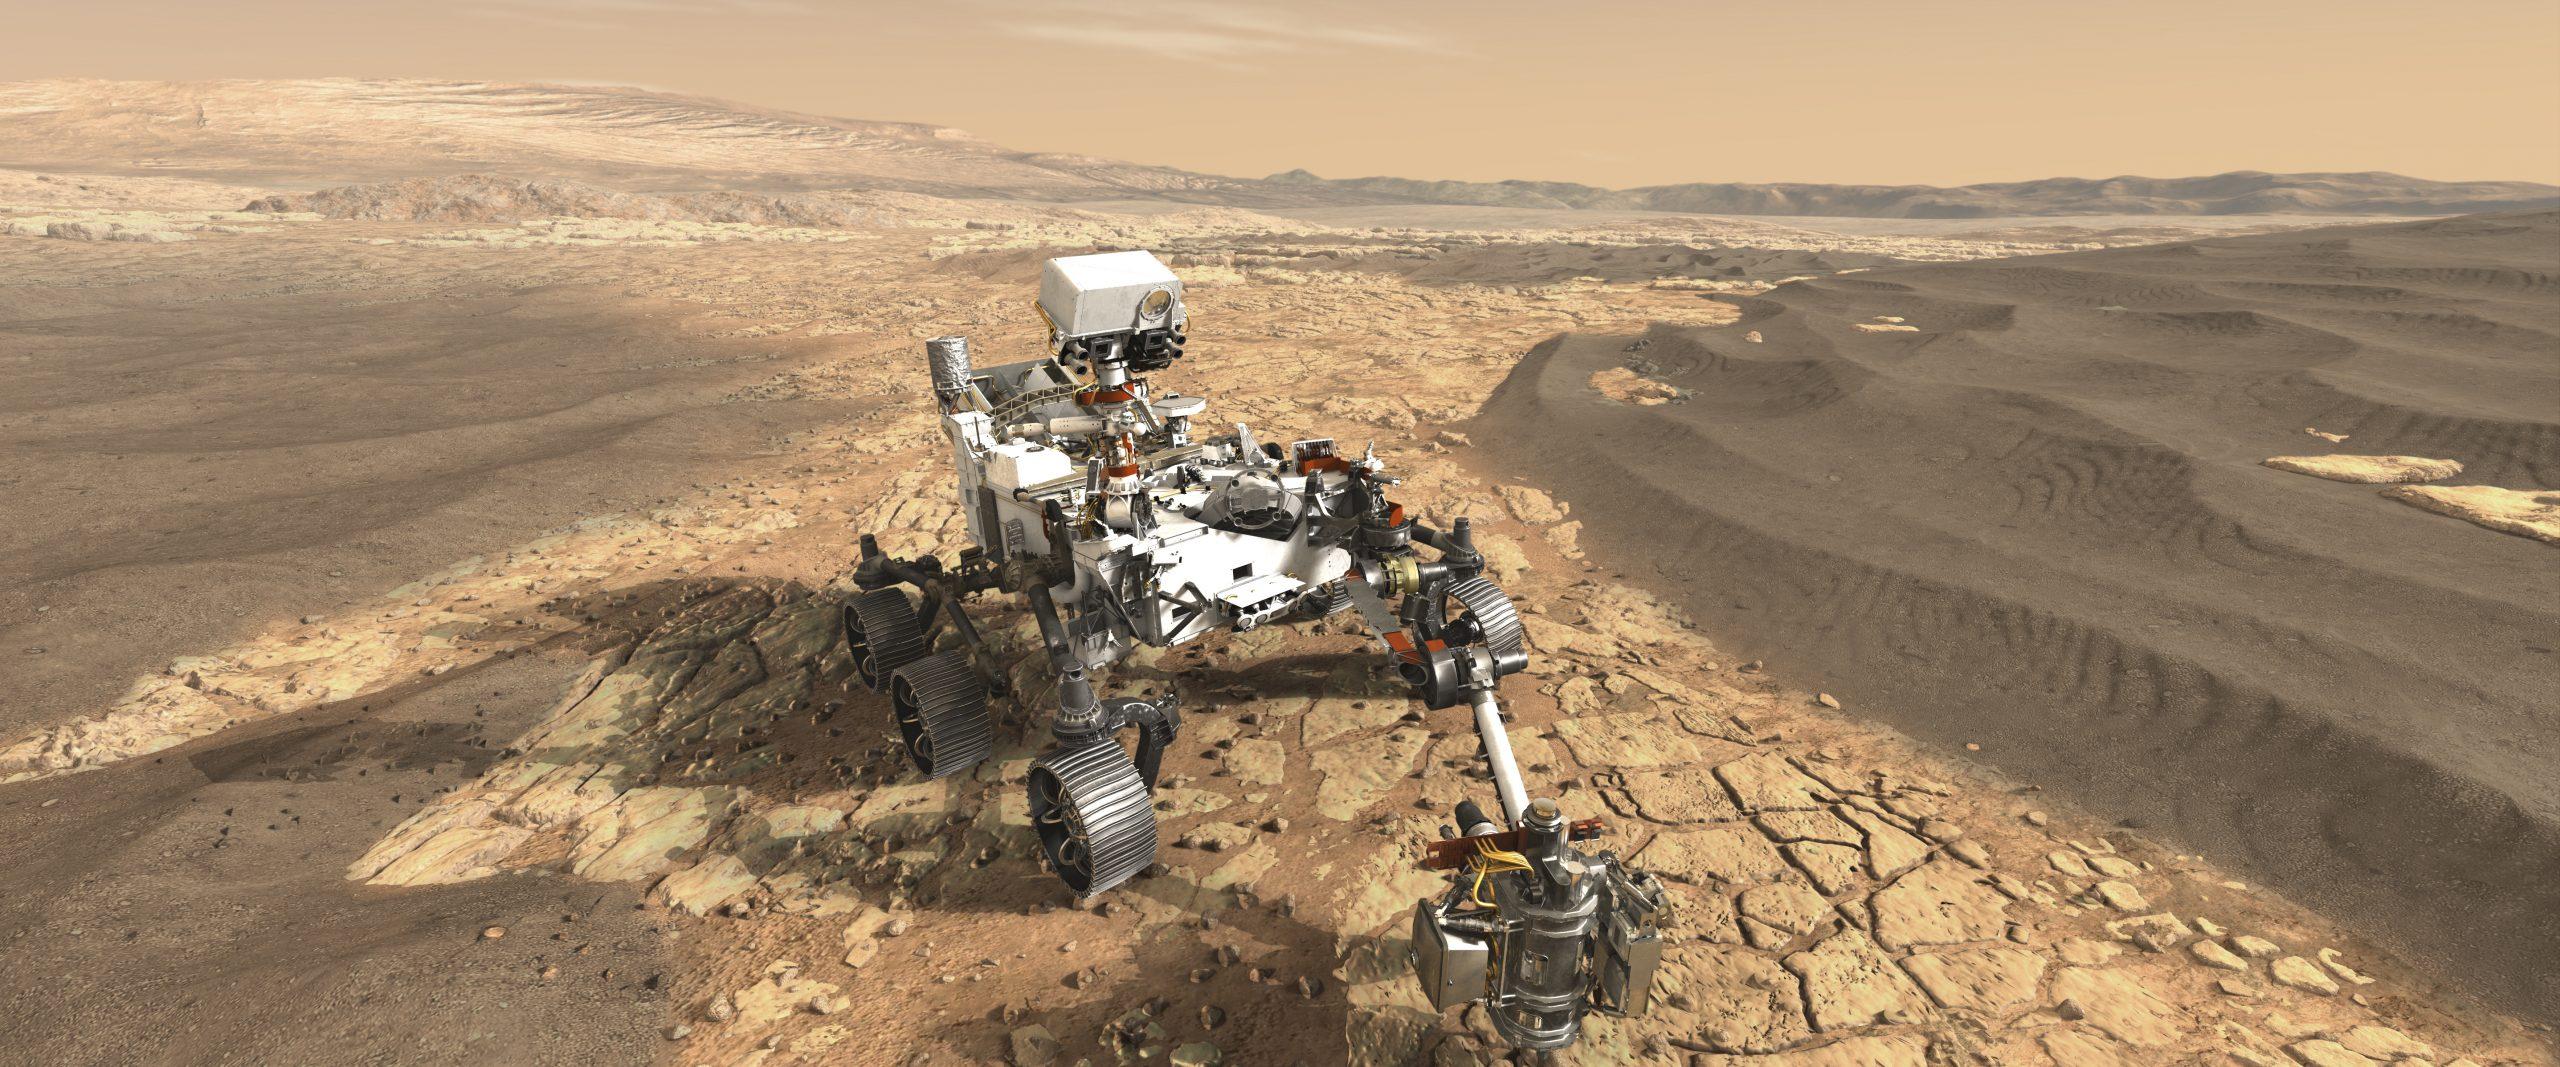 Martian rover (NASA) crop